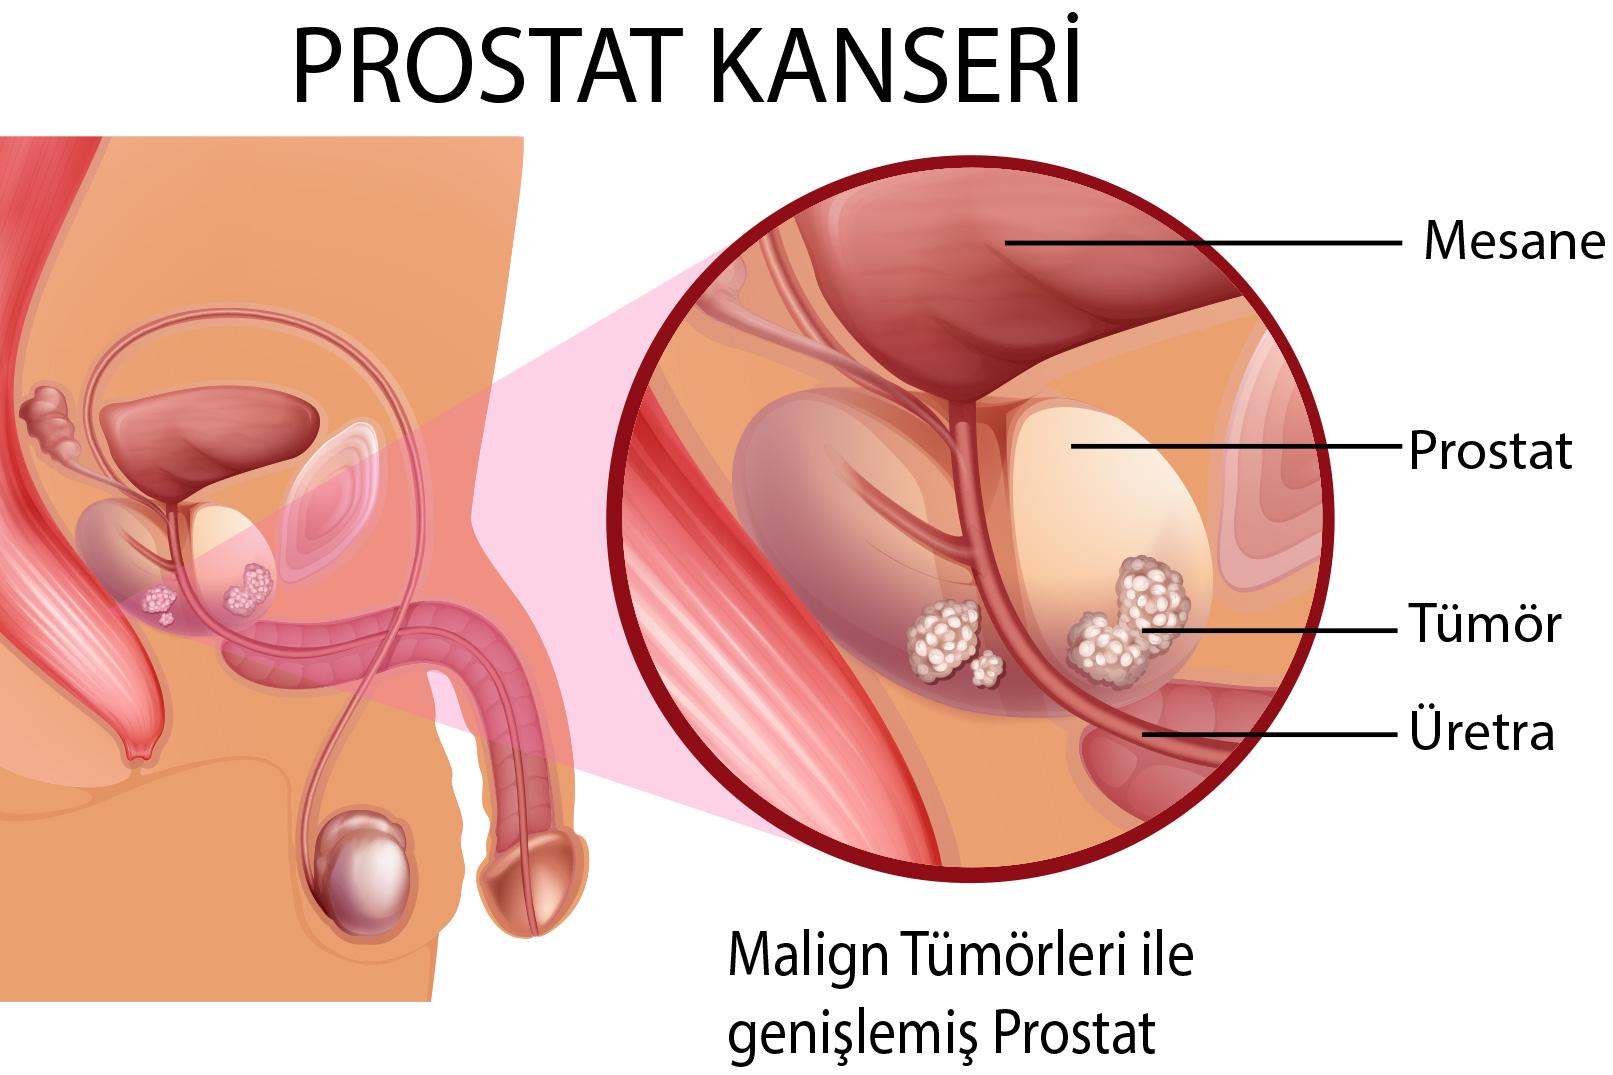 prostat kanseri, prostat kanseri tedavisi, prostat kanseri nasıl tedavi edilir